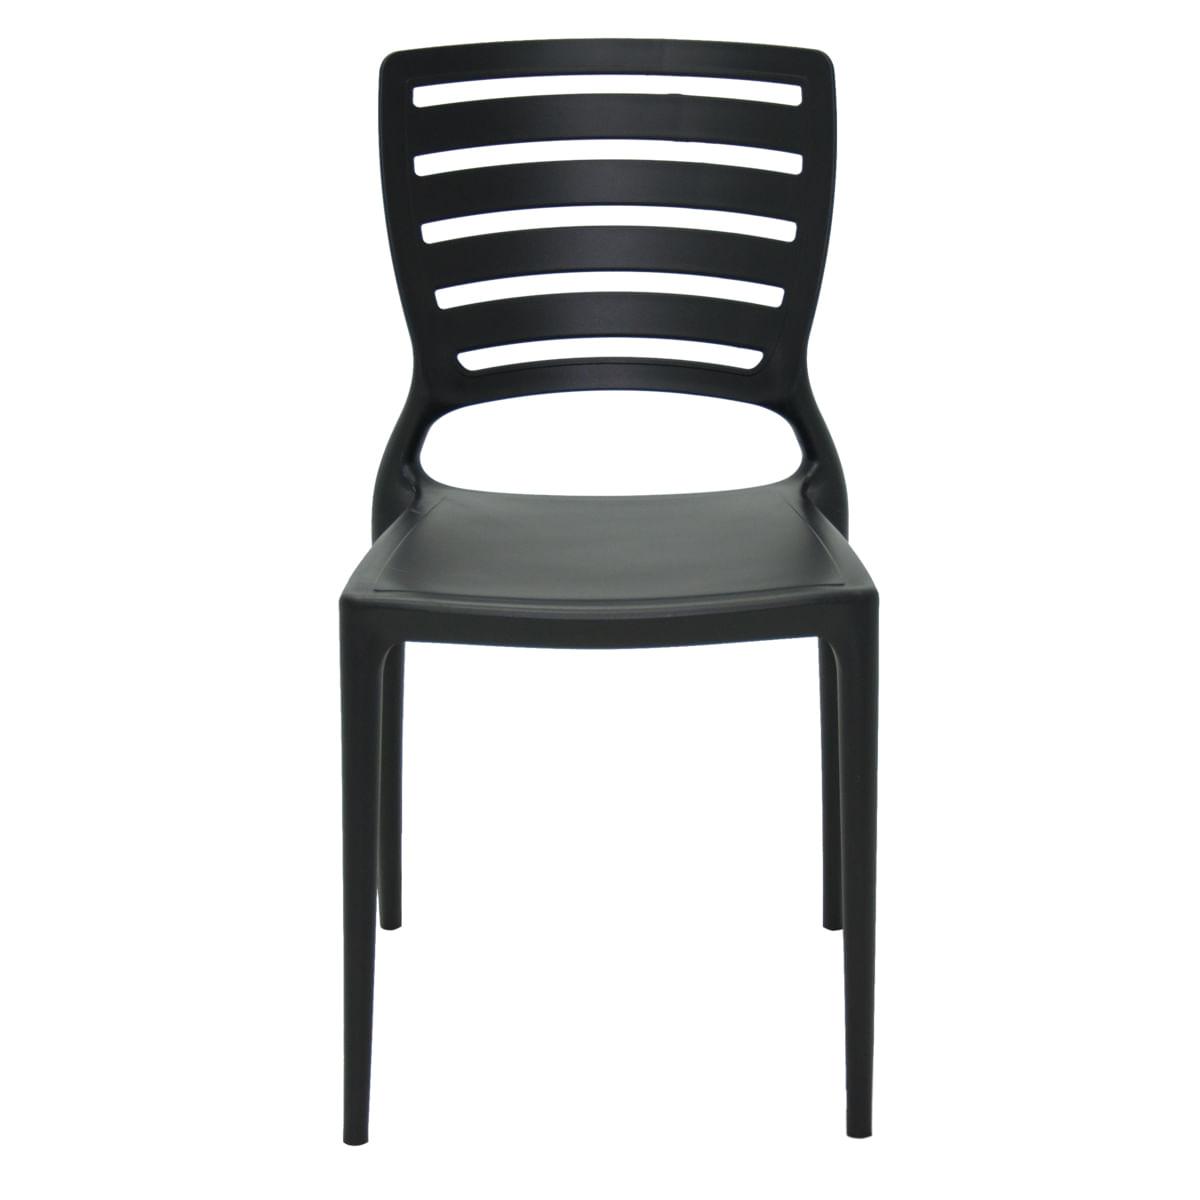 Cadeira Tramontina Sofia Preta Encosto Horizontal em Polipropileno e Fibra de Vidro